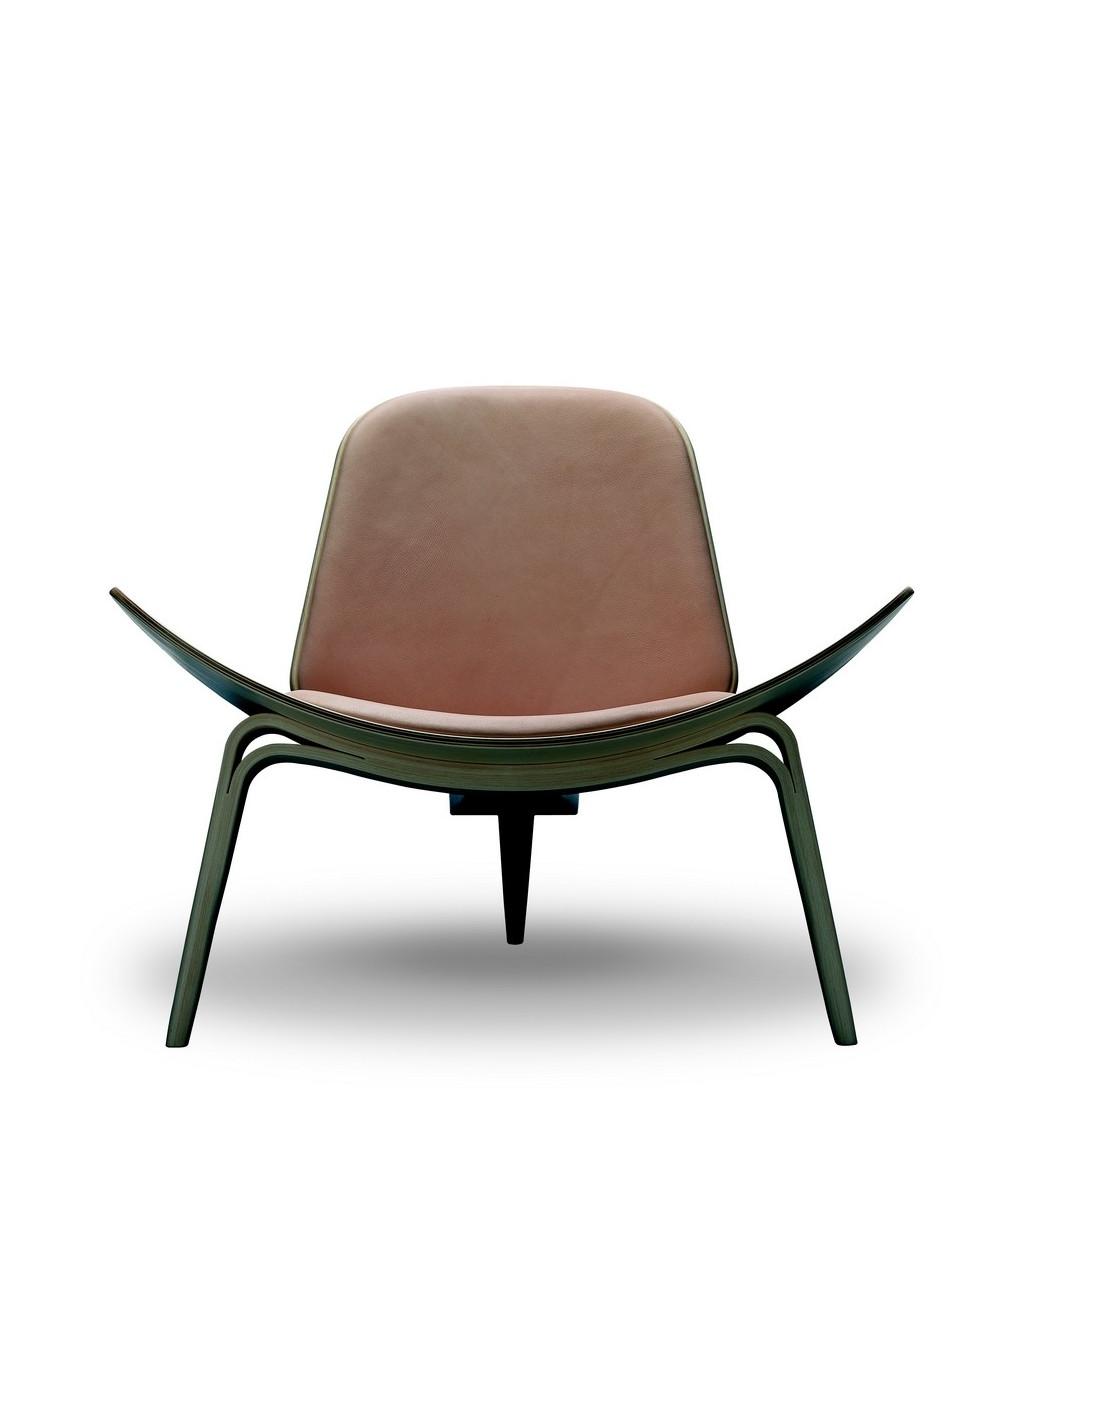 fauteuil ch07 tripede du designer danois hans wegner pour. Black Bedroom Furniture Sets. Home Design Ideas